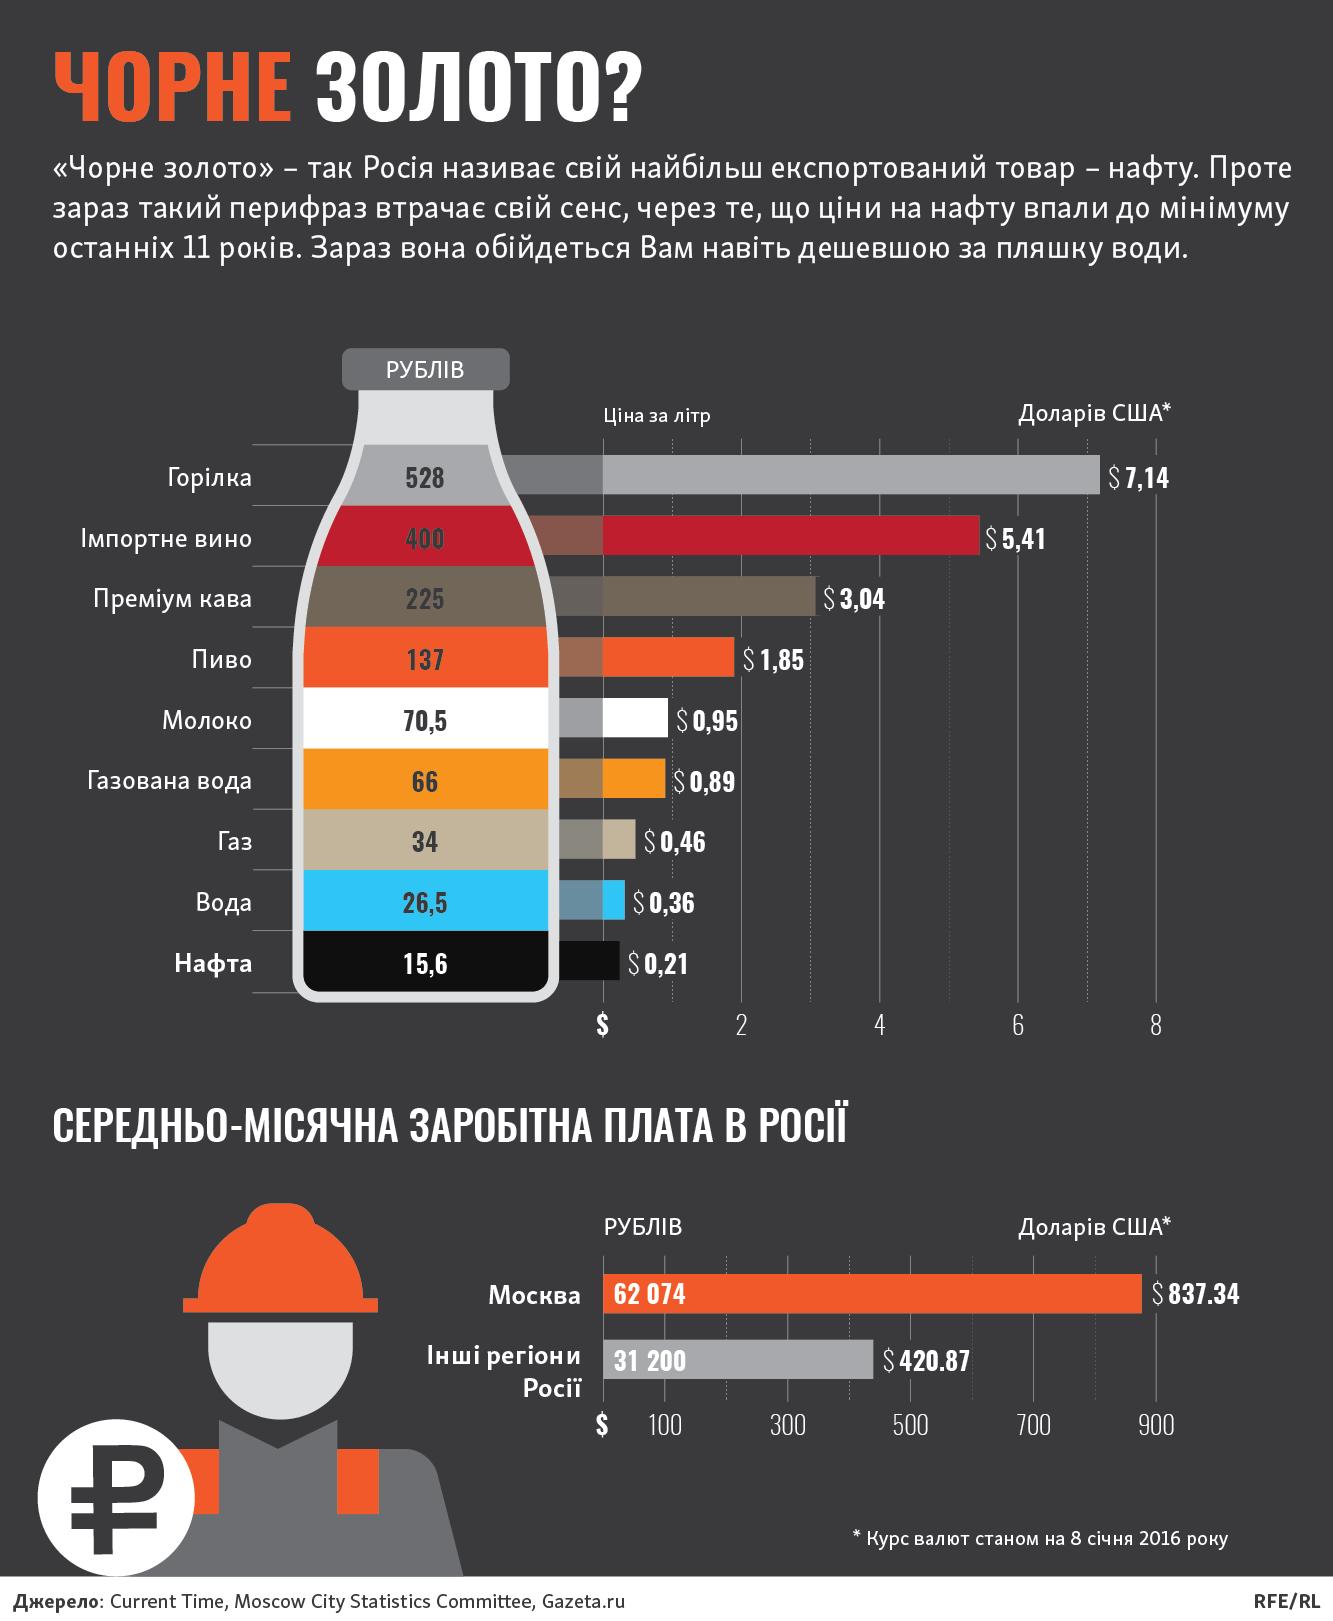 Російська нафта стала дешевшою за бутельовану воду (ІНФОГРАФІКА) - фото 1